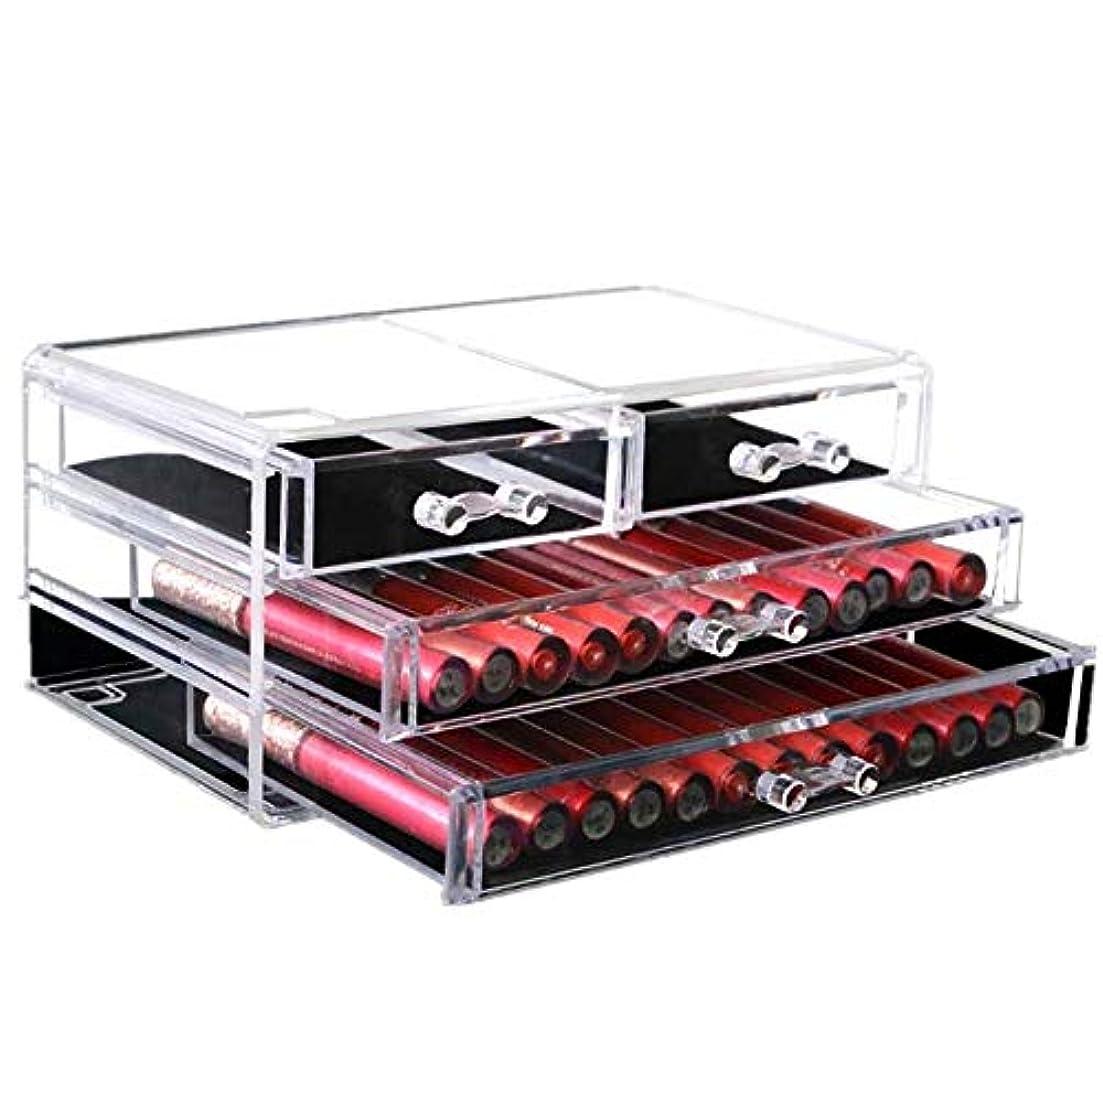 広範囲にエンターテインメントパーチナシティ整理簡単 引出しの構造の宝石類のディスプレイ?ボックスが付いている簡単で明確なアクリルの化粧品のオルガナイザー (Color : Clear, Size : 24*13.5*11CM)